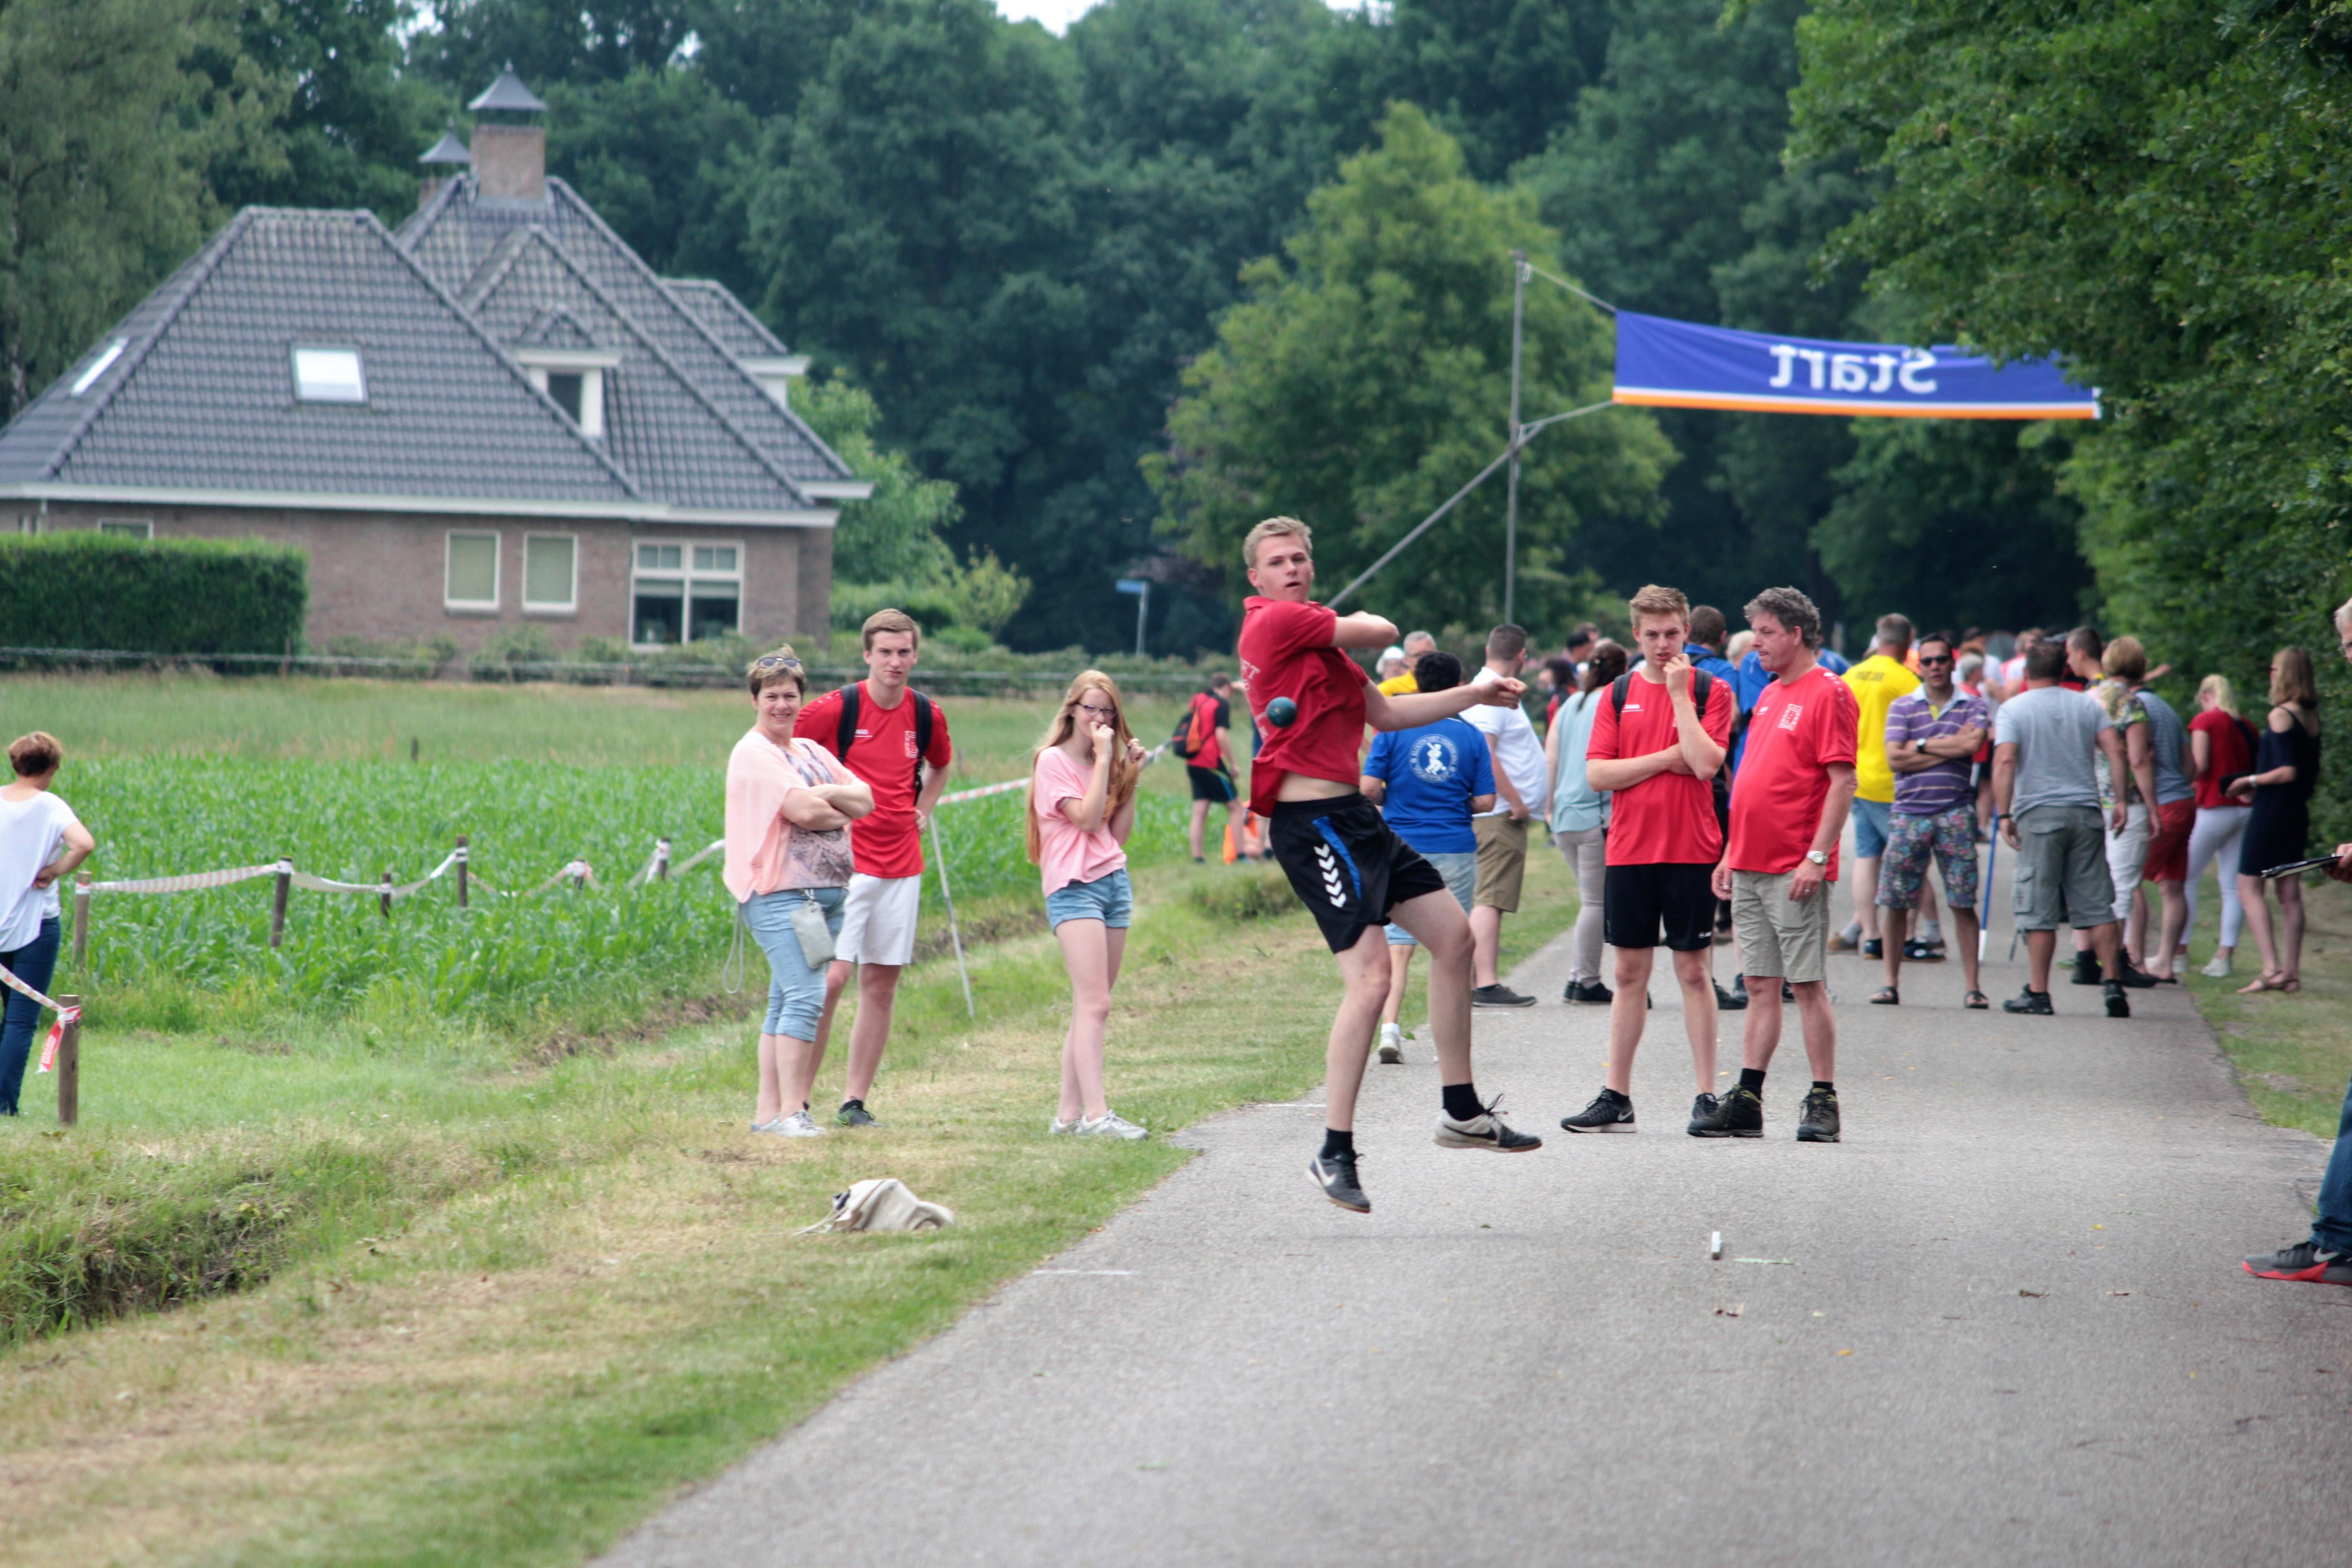 Nederlandse Kampioenschappen visitekaartje voor de sport